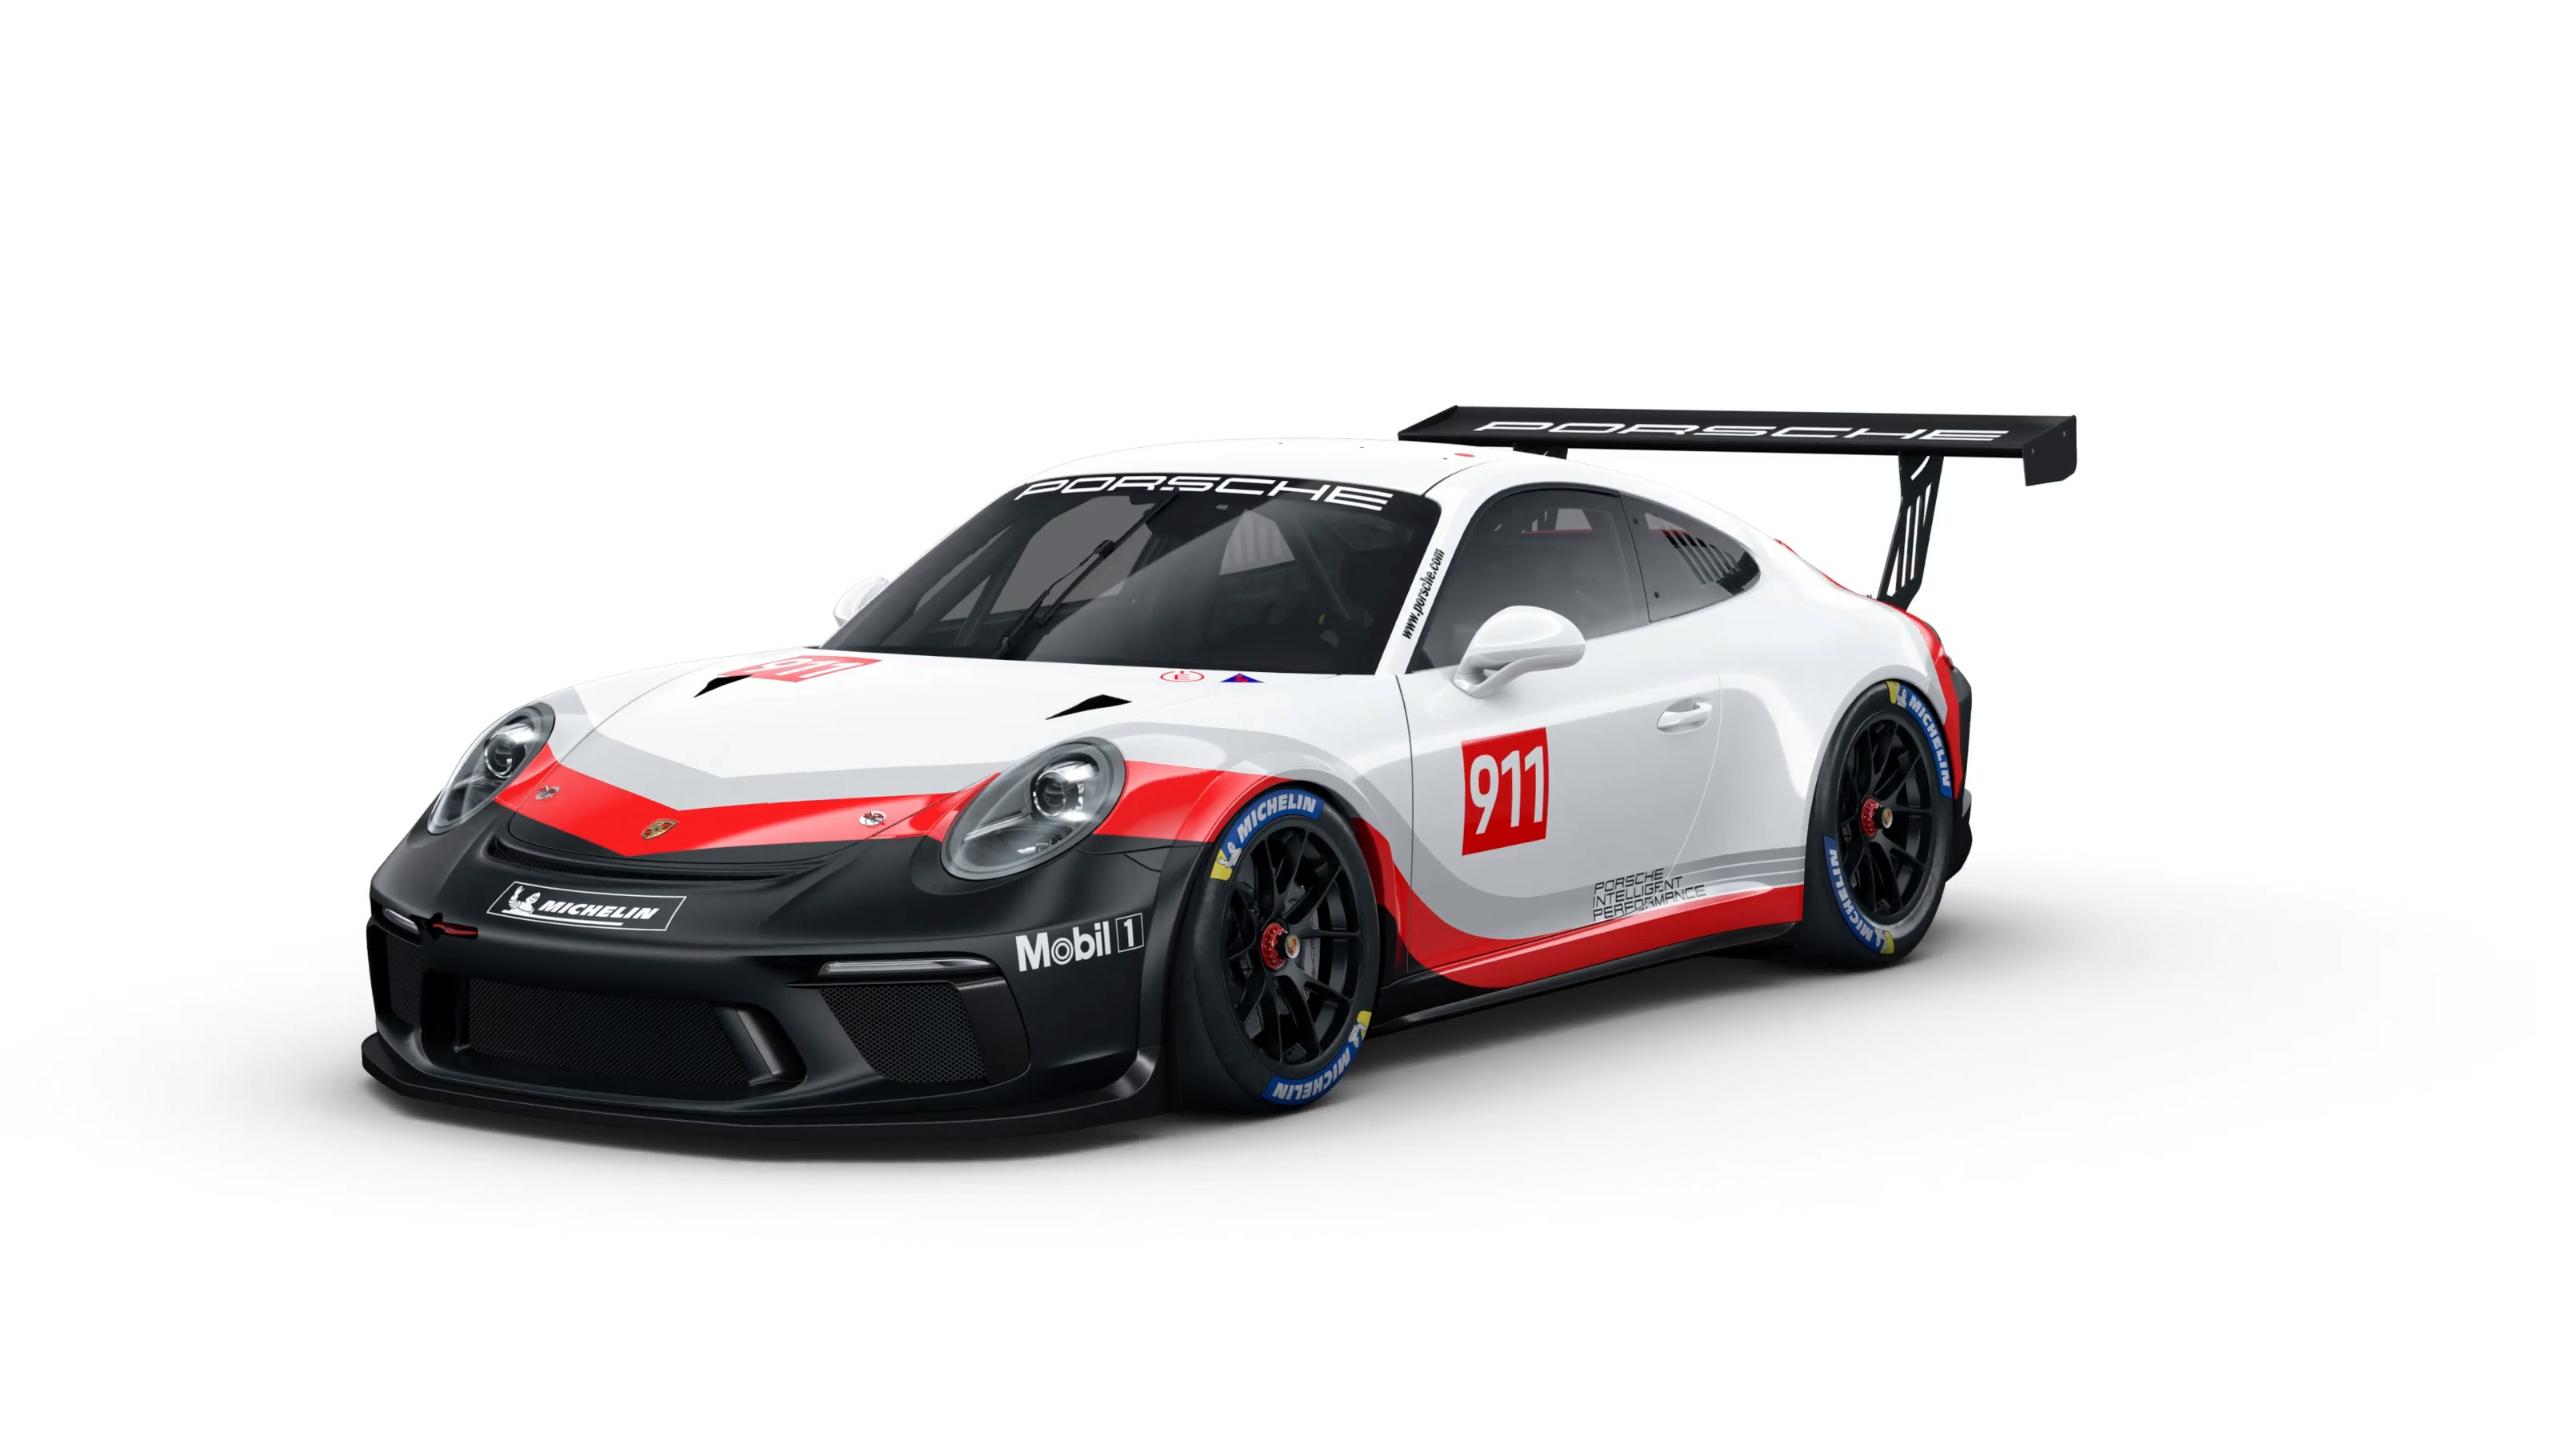 Photo of Porsche Cup – Lança campeonato Carrera Cup e apresenta novos carros para 2018